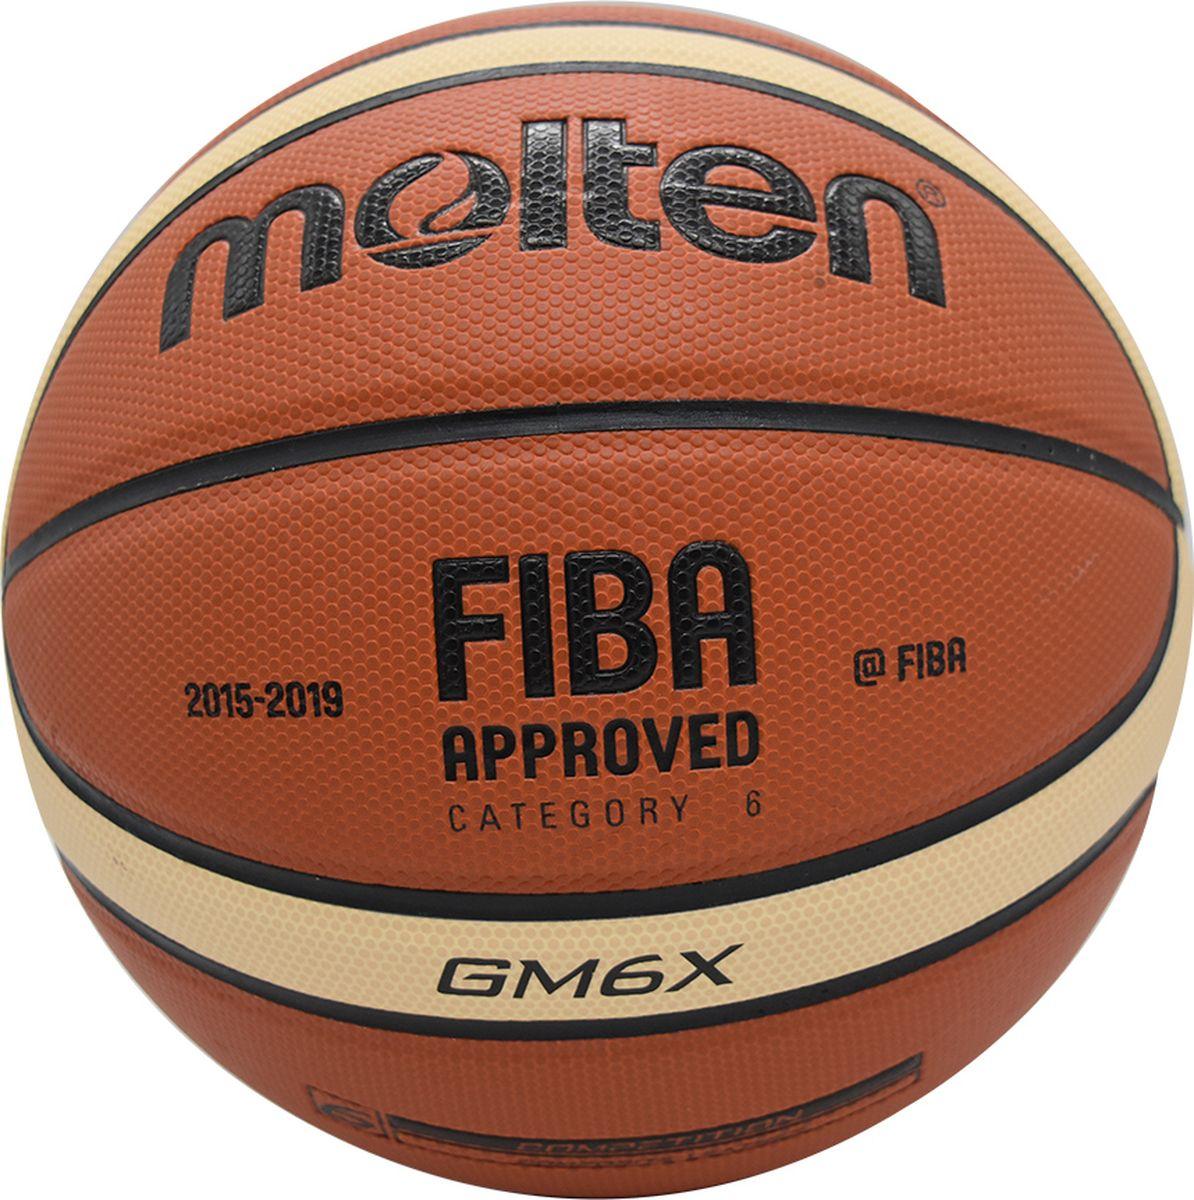 Мяч баскетбольный Molten. Размер 6. BGM6XBGM6XБаскетбольный мяч Molten.Контроль мяча: особая фактура покрышки и максимально плоские каналы обеспечивают надежный захват мяча и точные броски.Одобрено FIBA: мяч одобрен ФИБА и подходит для подготовки к соревнованиям профессионального уровня.Прочность: модель из полиуретановой синтетической кожи отлично подходит как для игры в зале, так и на улице.